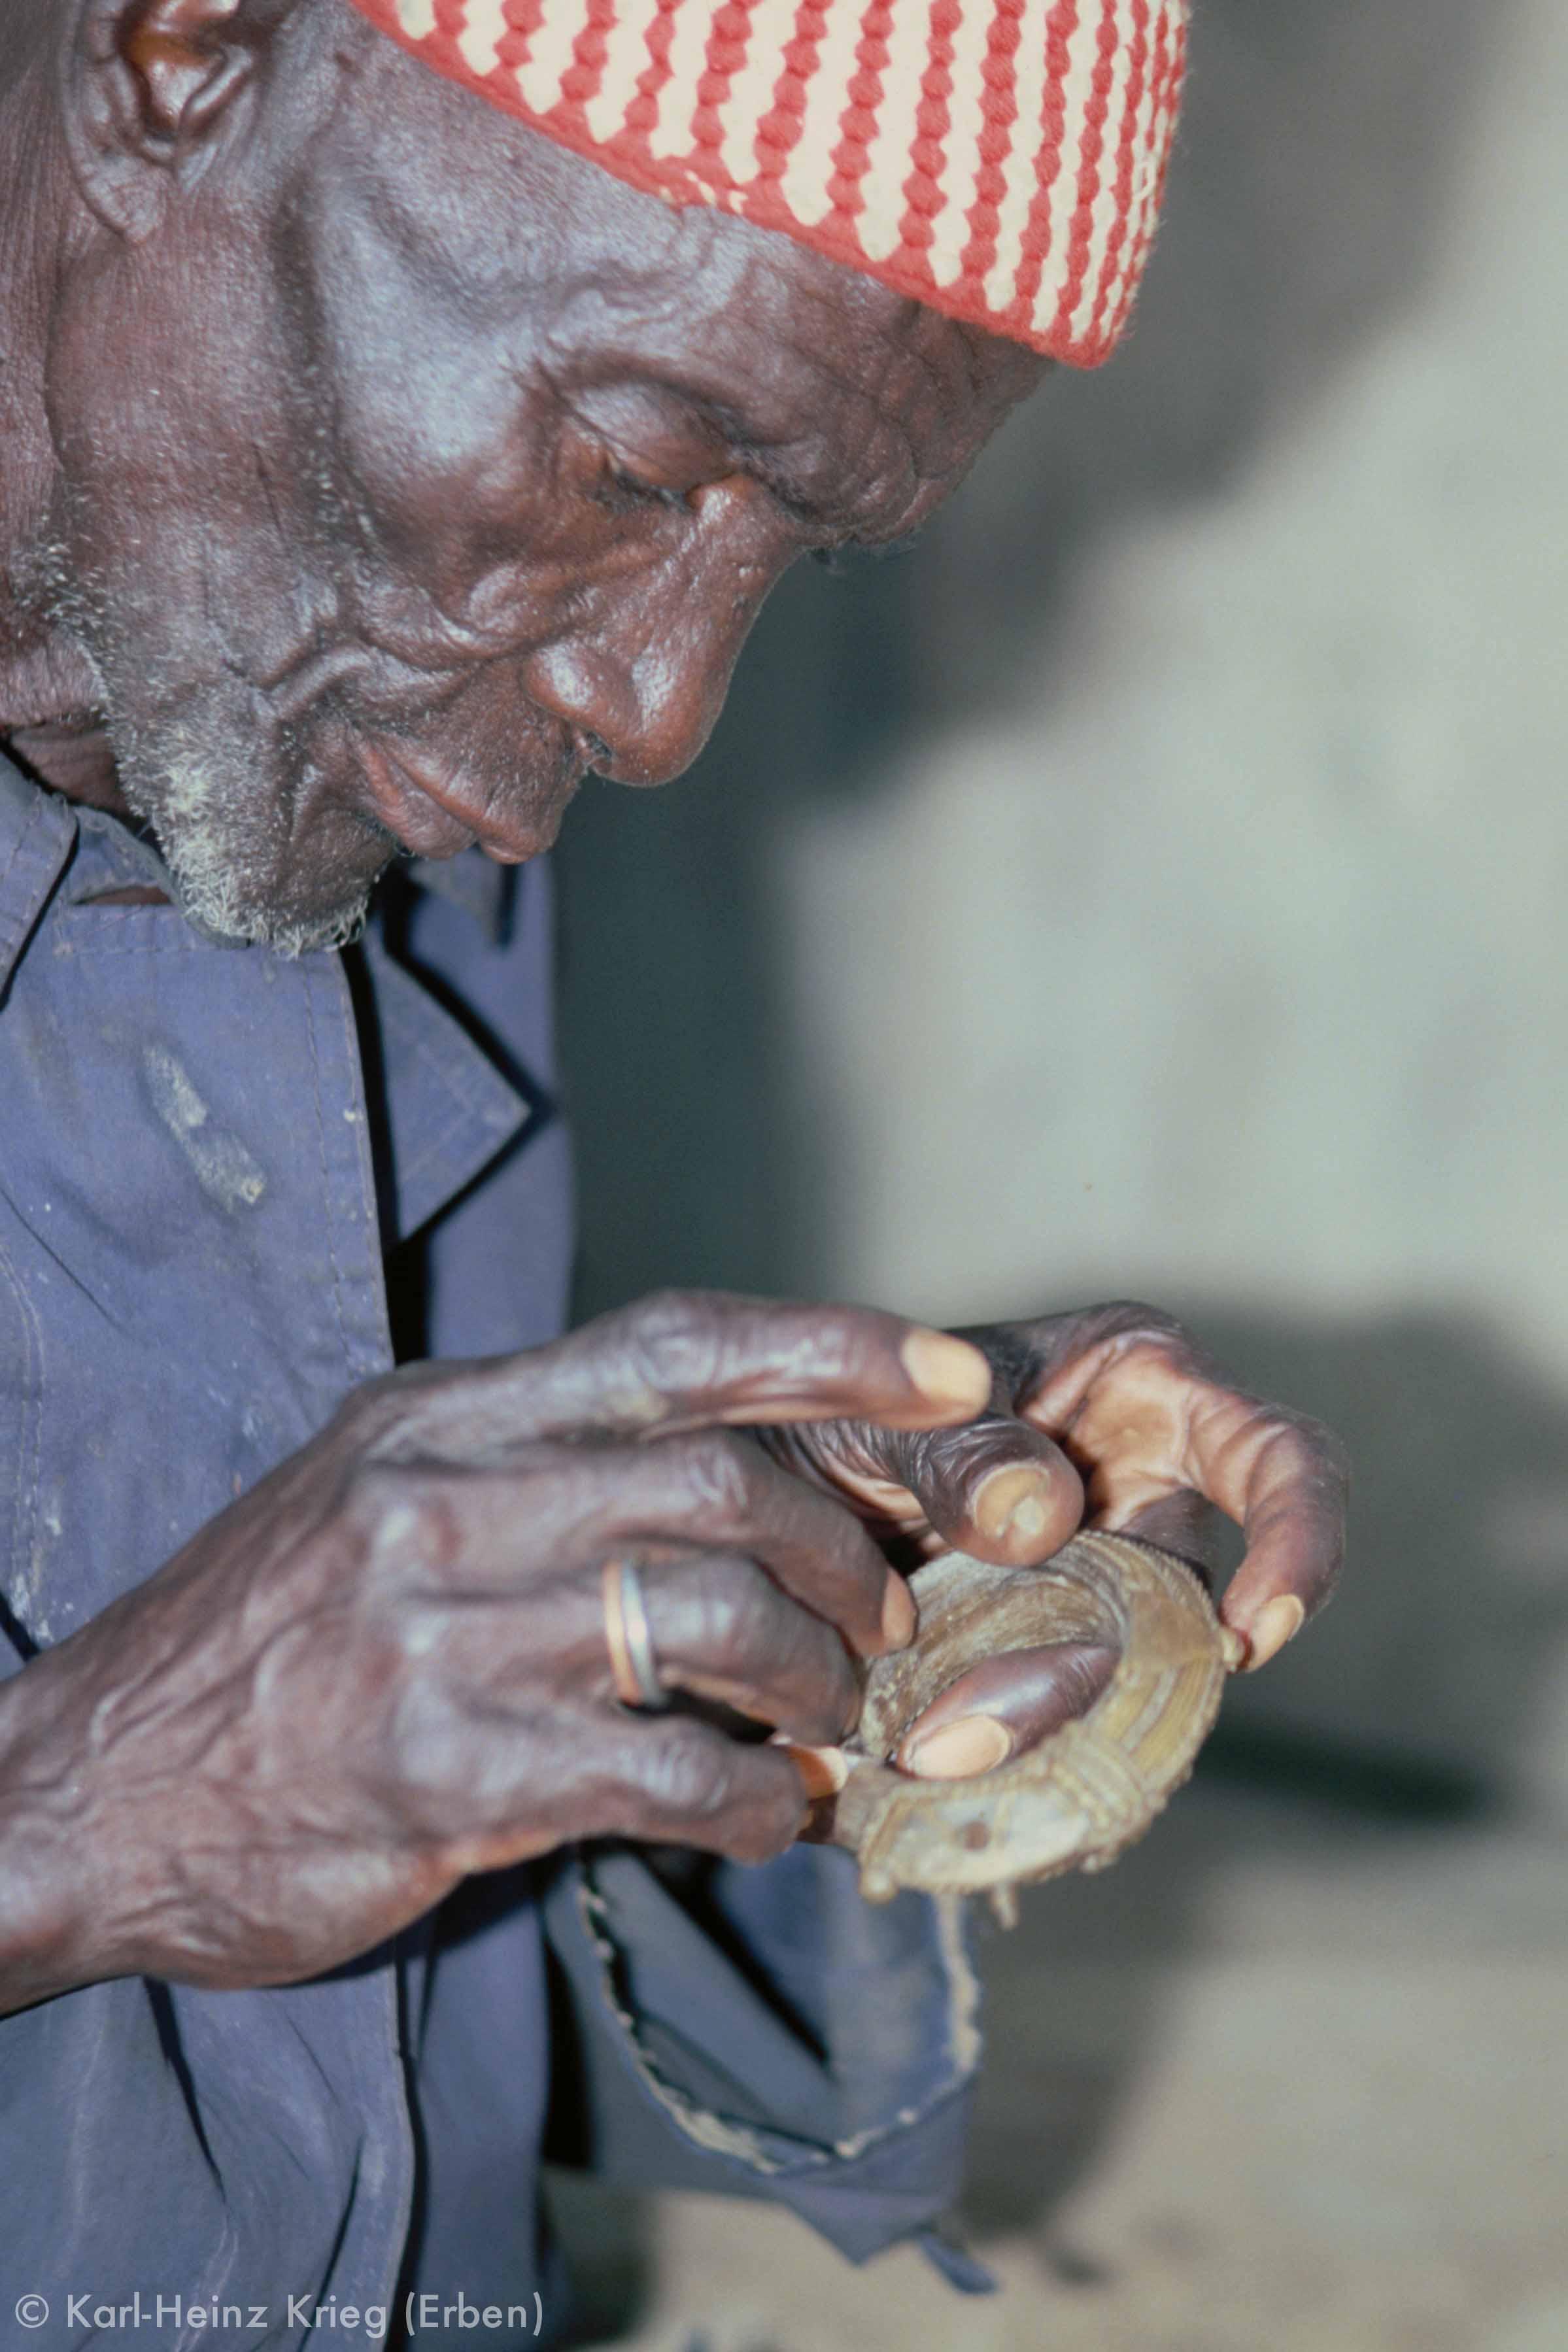 Kolo Silué making a wax model of a bracelet. Photo: Karl-Heinz Krieg, Nafoun (Region of Boundiali, Côte d'Ivoire), 1976